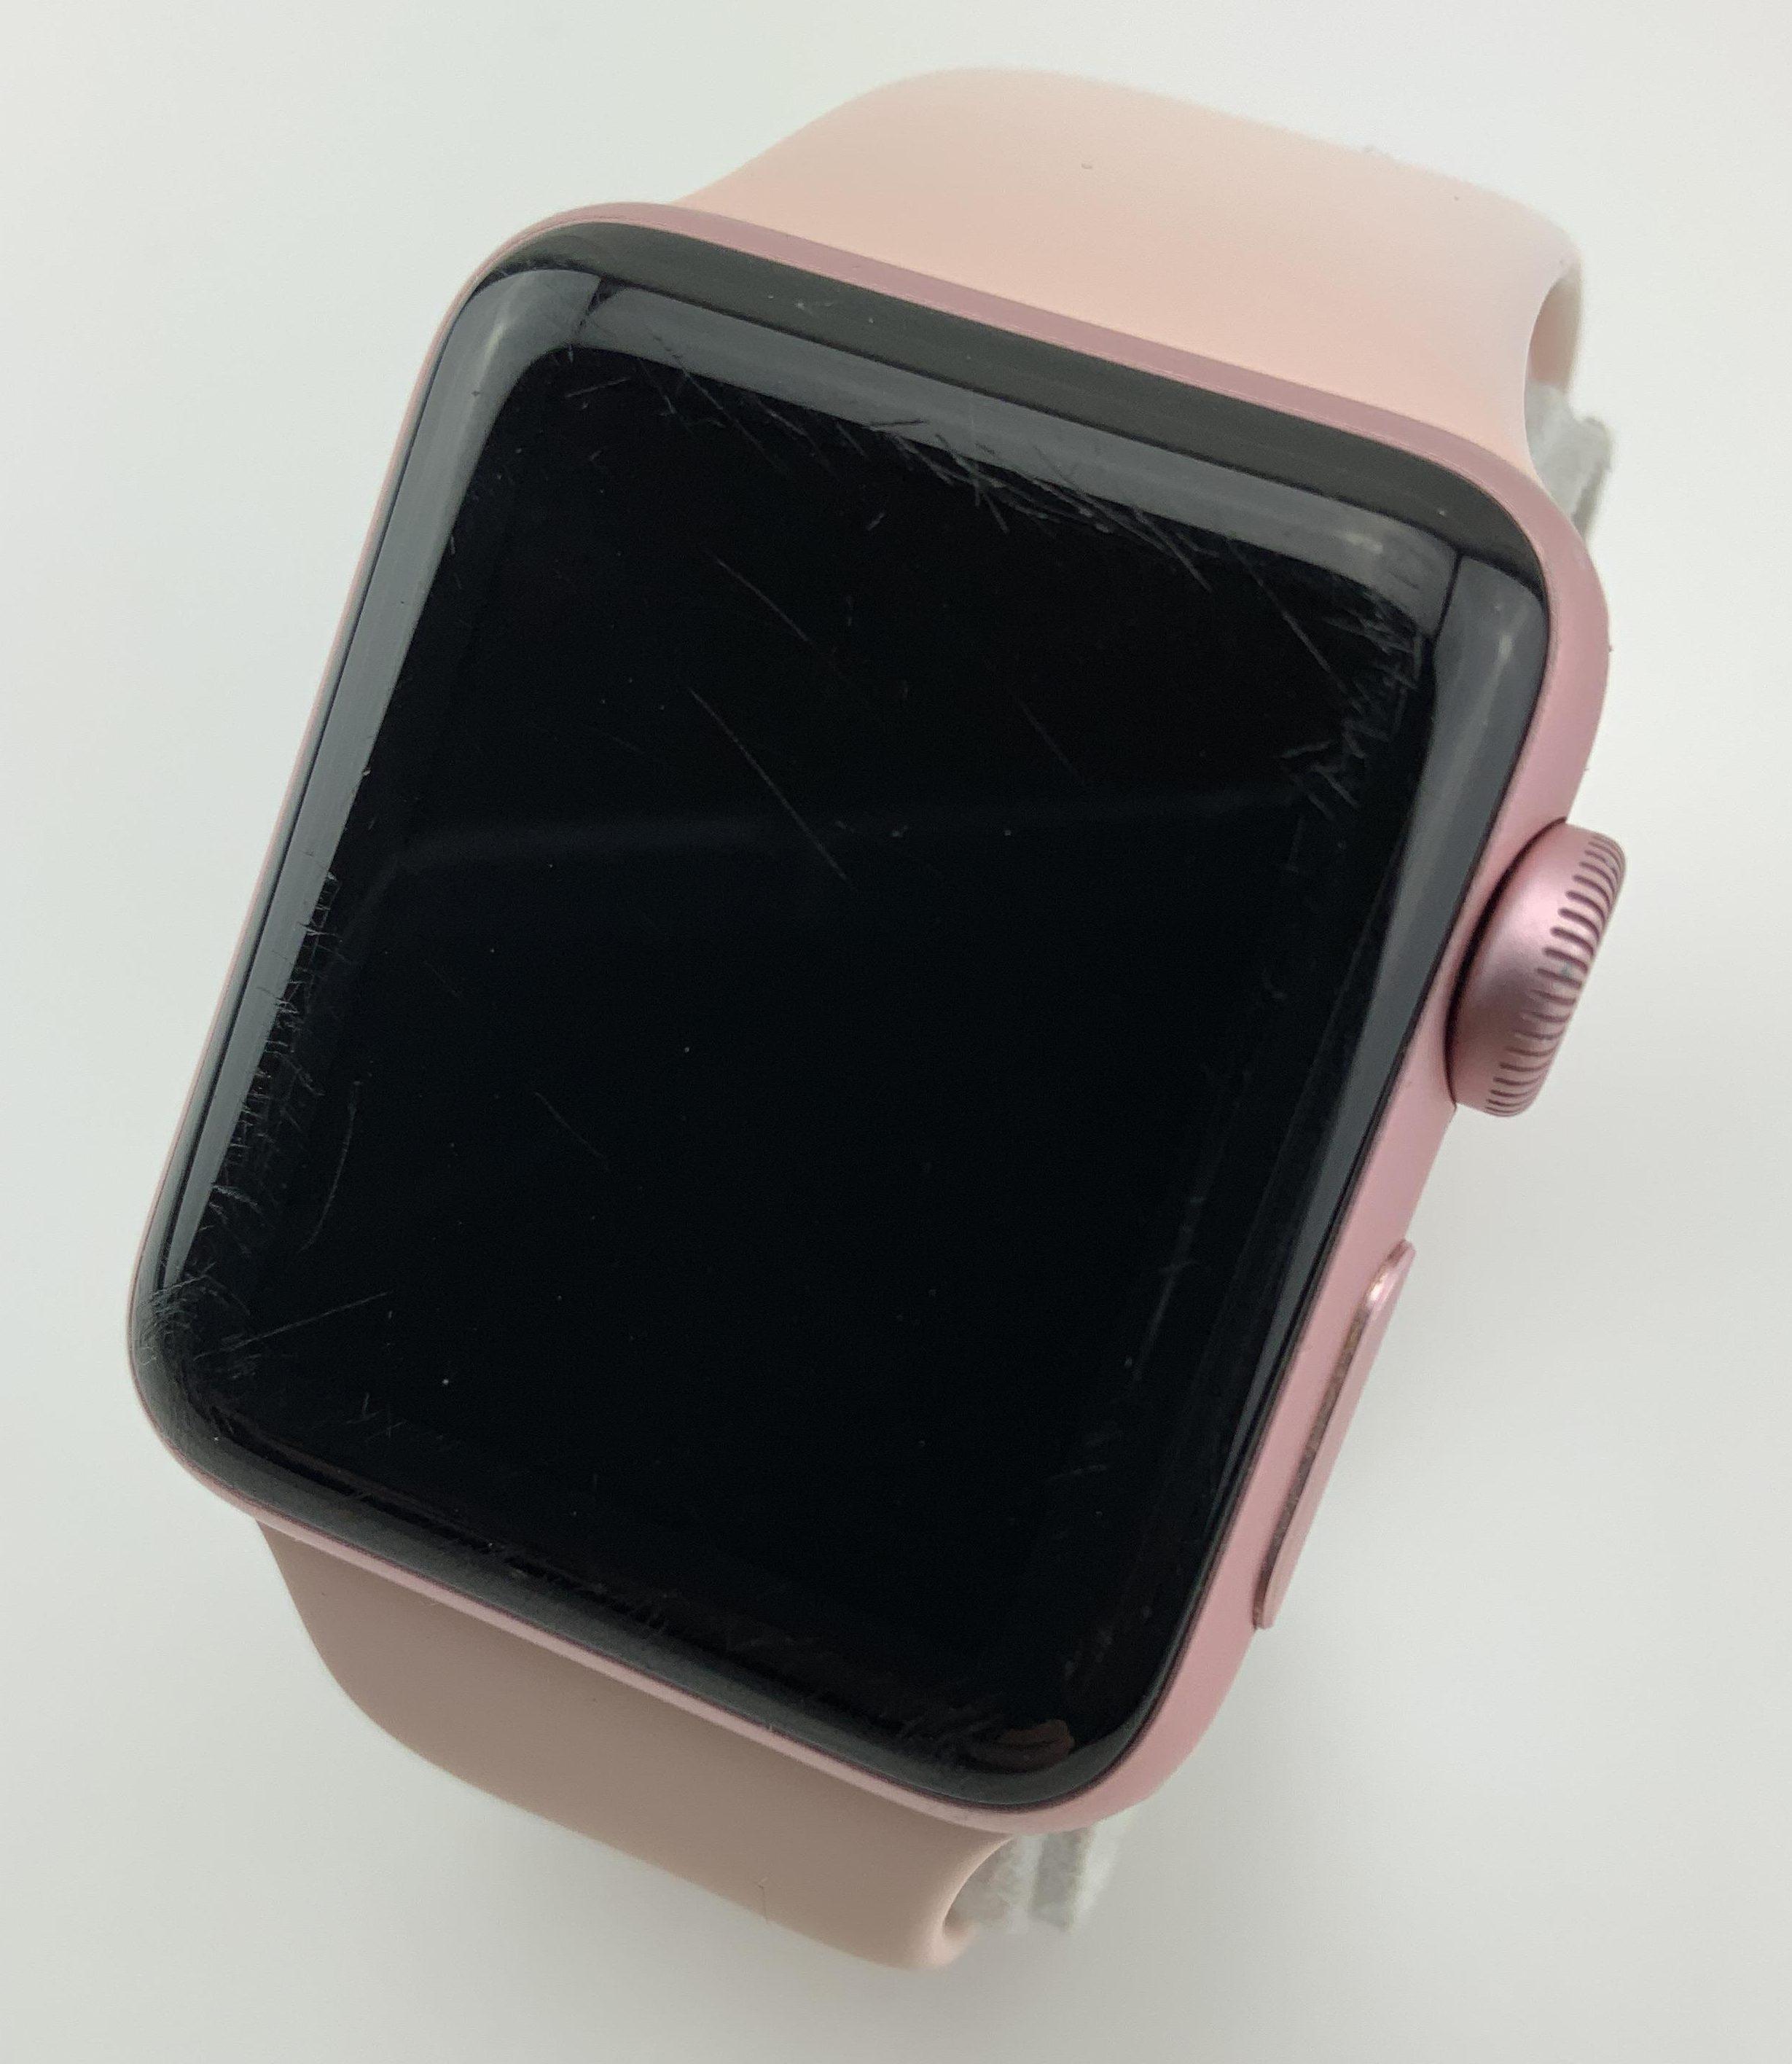 Watch Series 2 Aluminum (38mm), Rose Gold, Pink Sand Sport Band, Bild 1